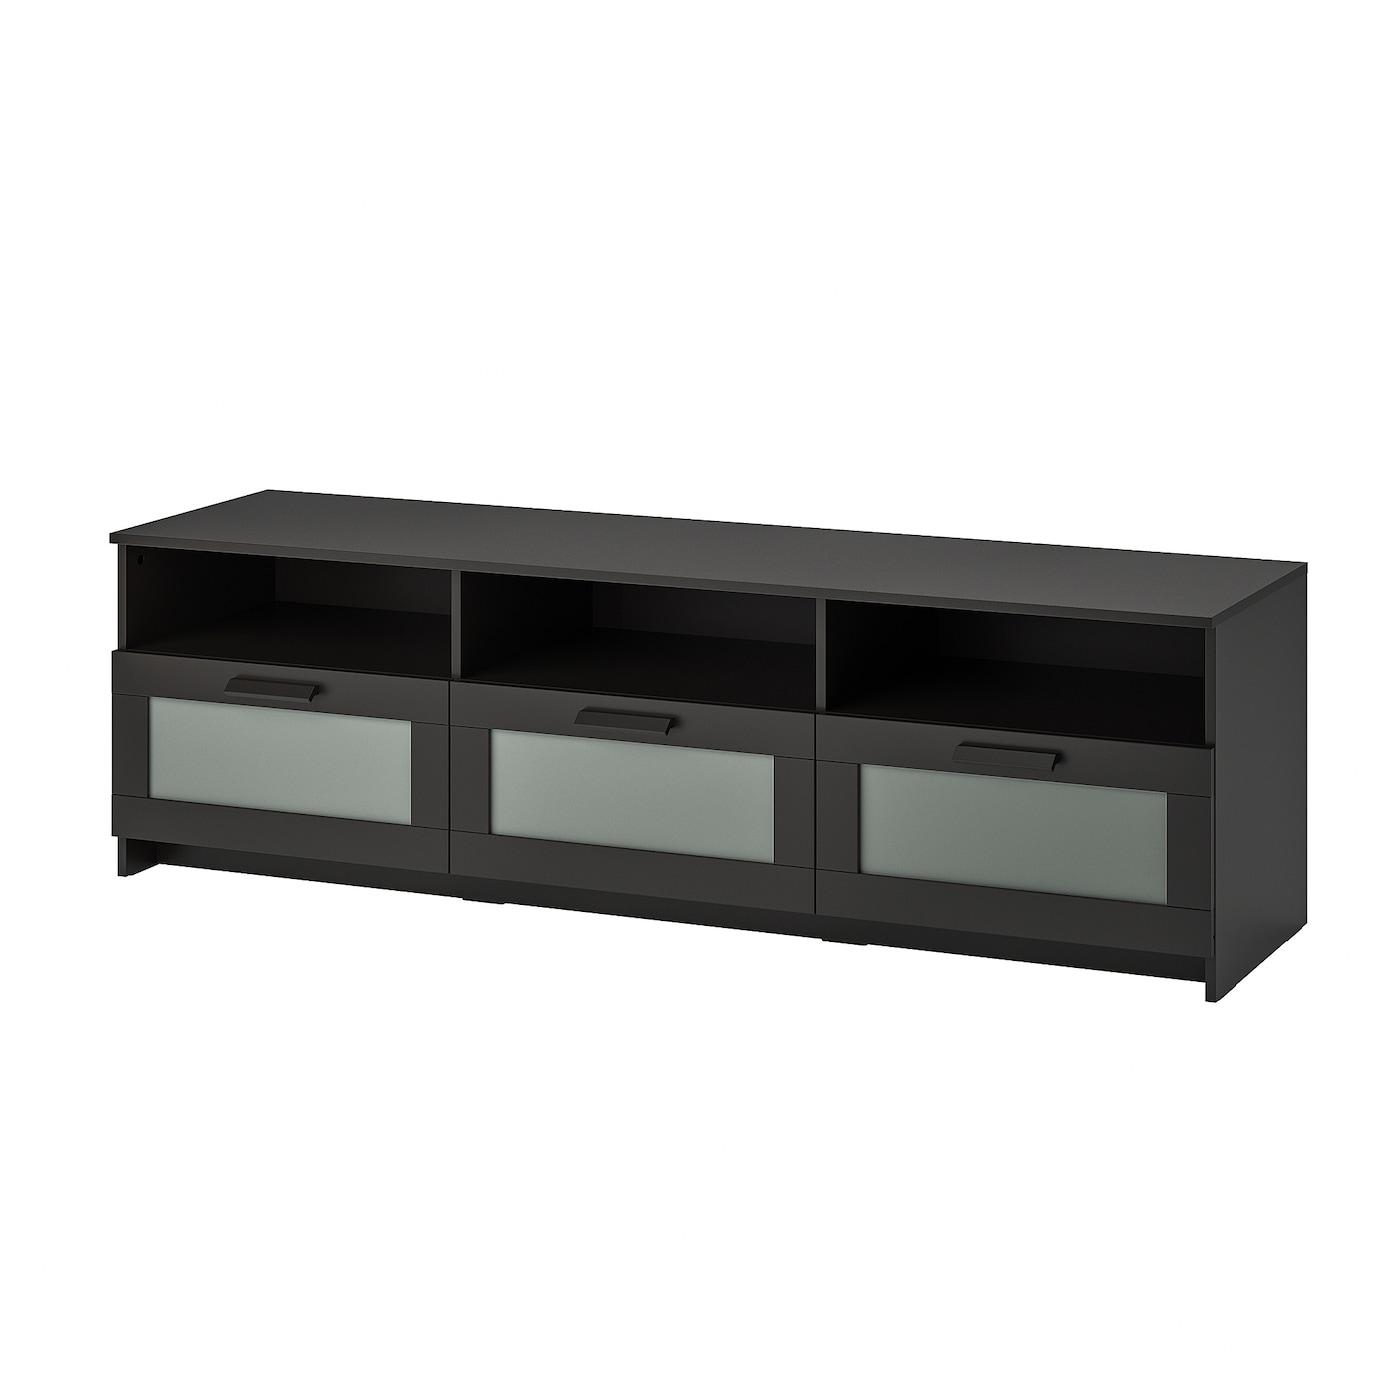 Ikea Tv Kast Meubel.Brimnes Tv Meubel Zwart 180x41x53 Cm Ikea